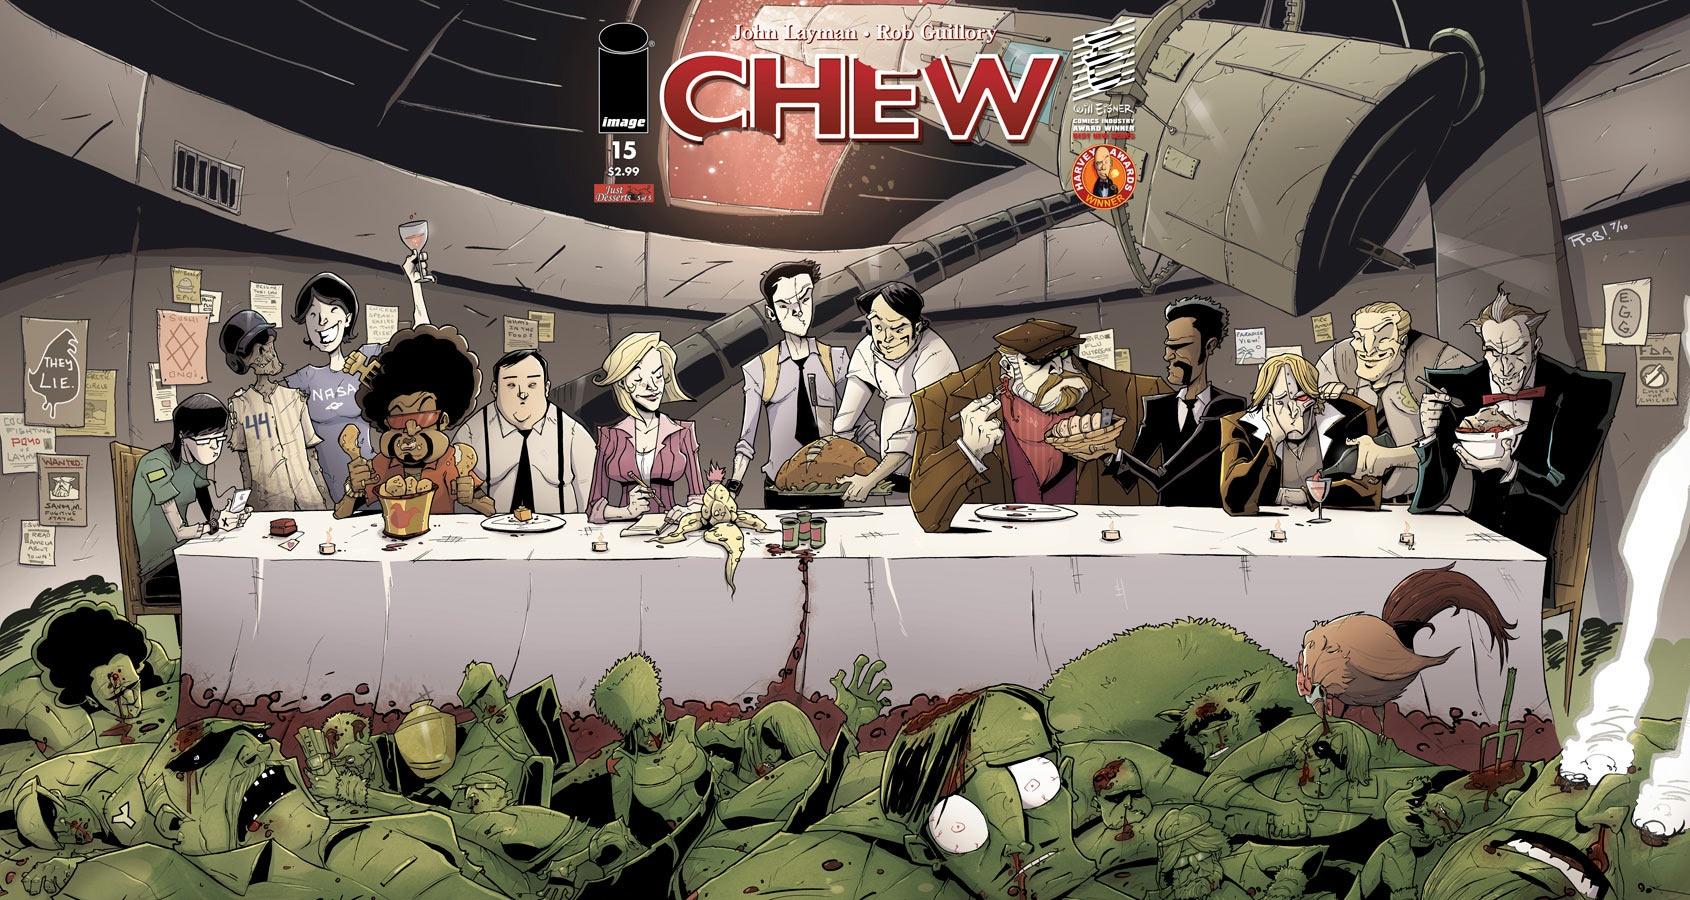 Chew di John Layman e Rob Guillory: il lettore va preso per la gola